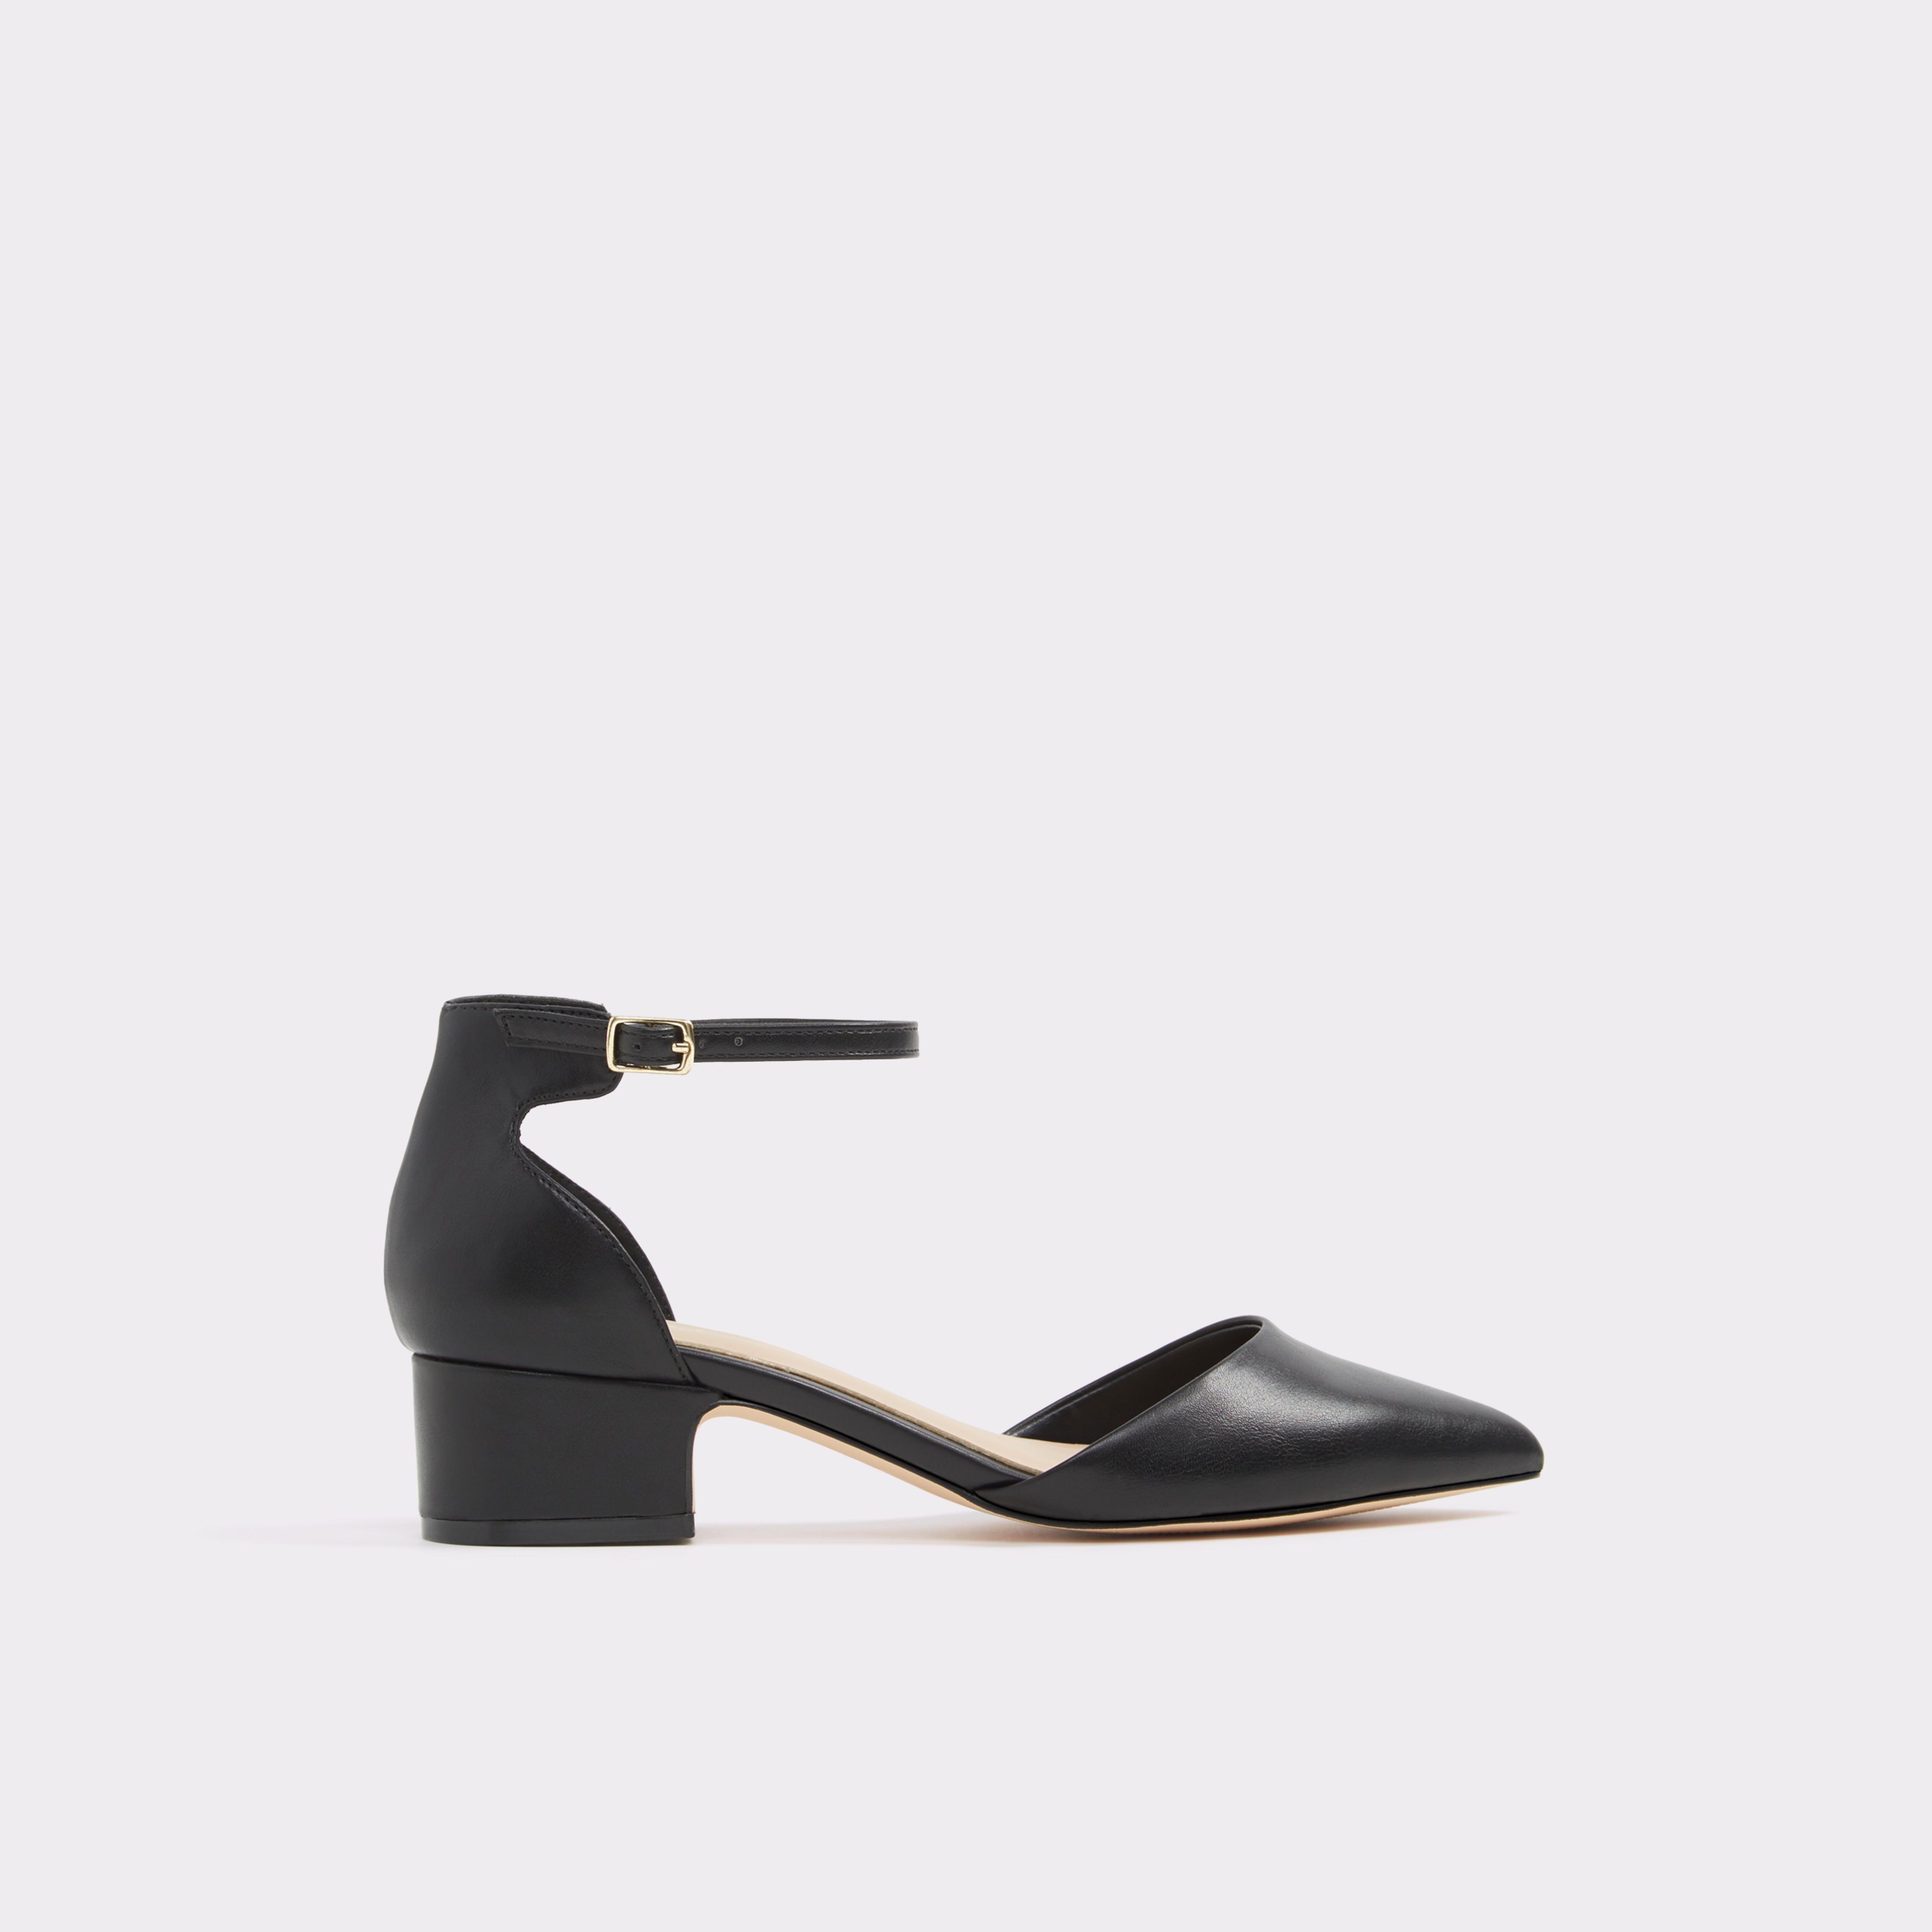 411b614c23d Zusien-N Black Women s Low-mid heels